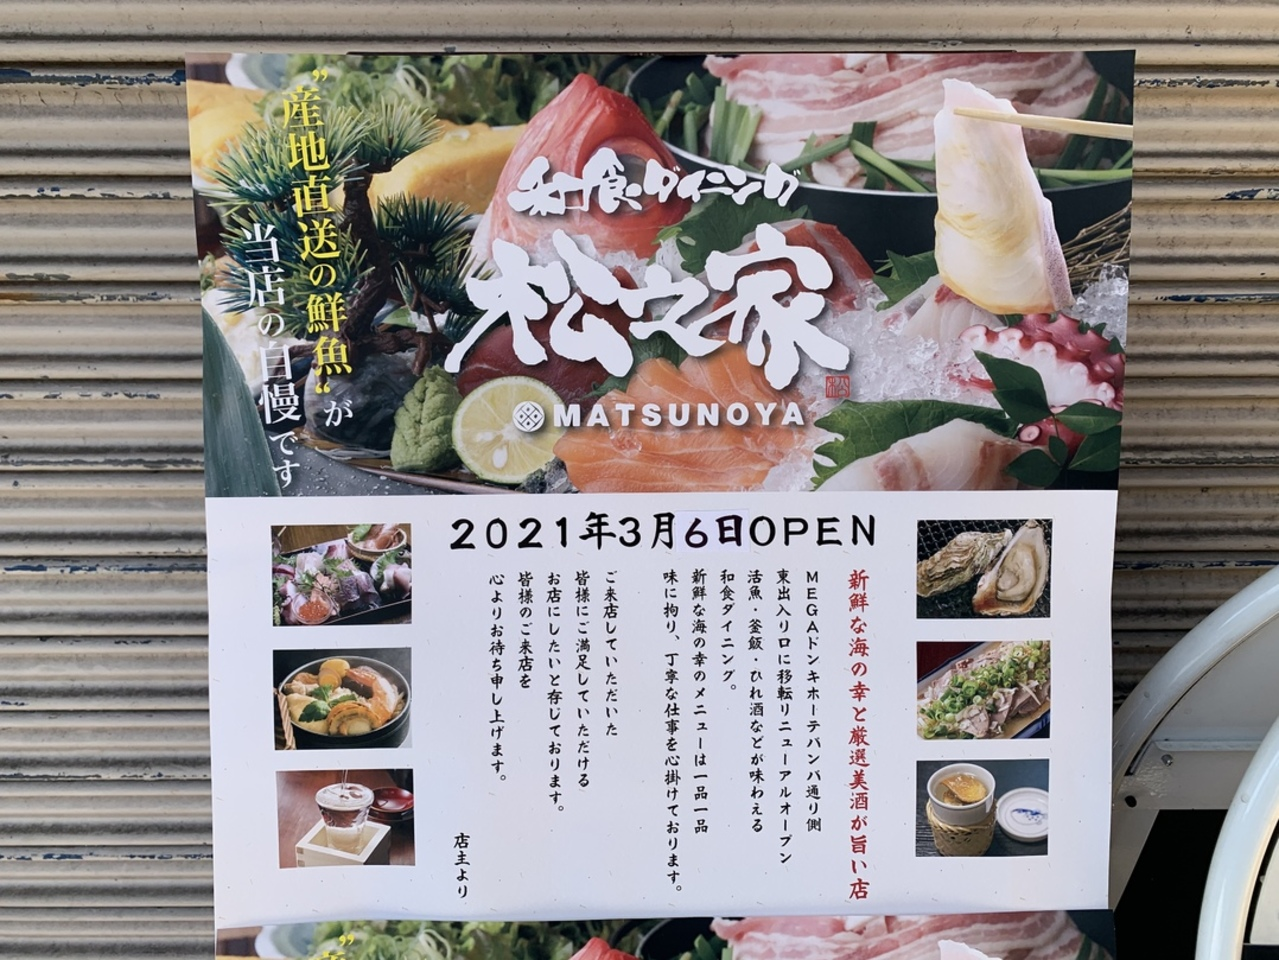 和食ダイニング松之家が3月6日に移転リニューアルOPENします。